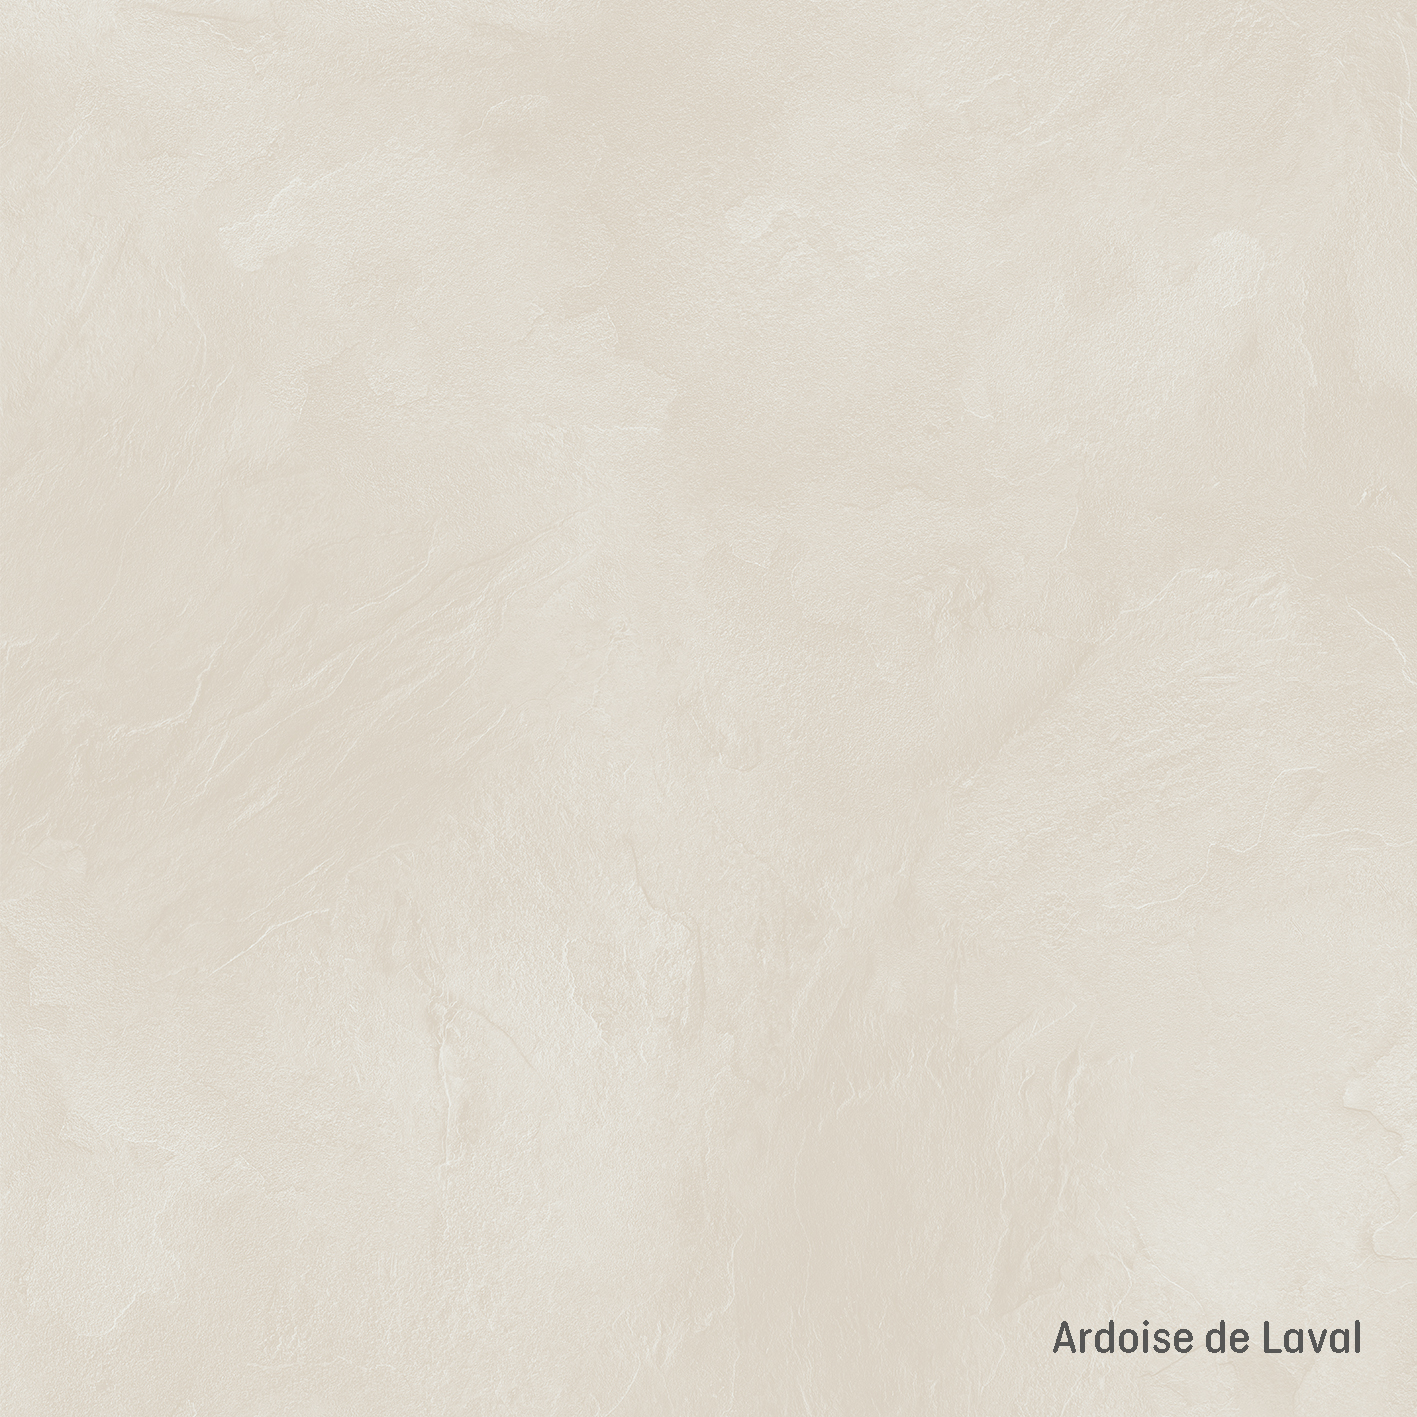 Ardoise de Laval_12031872_50x50_72dpi